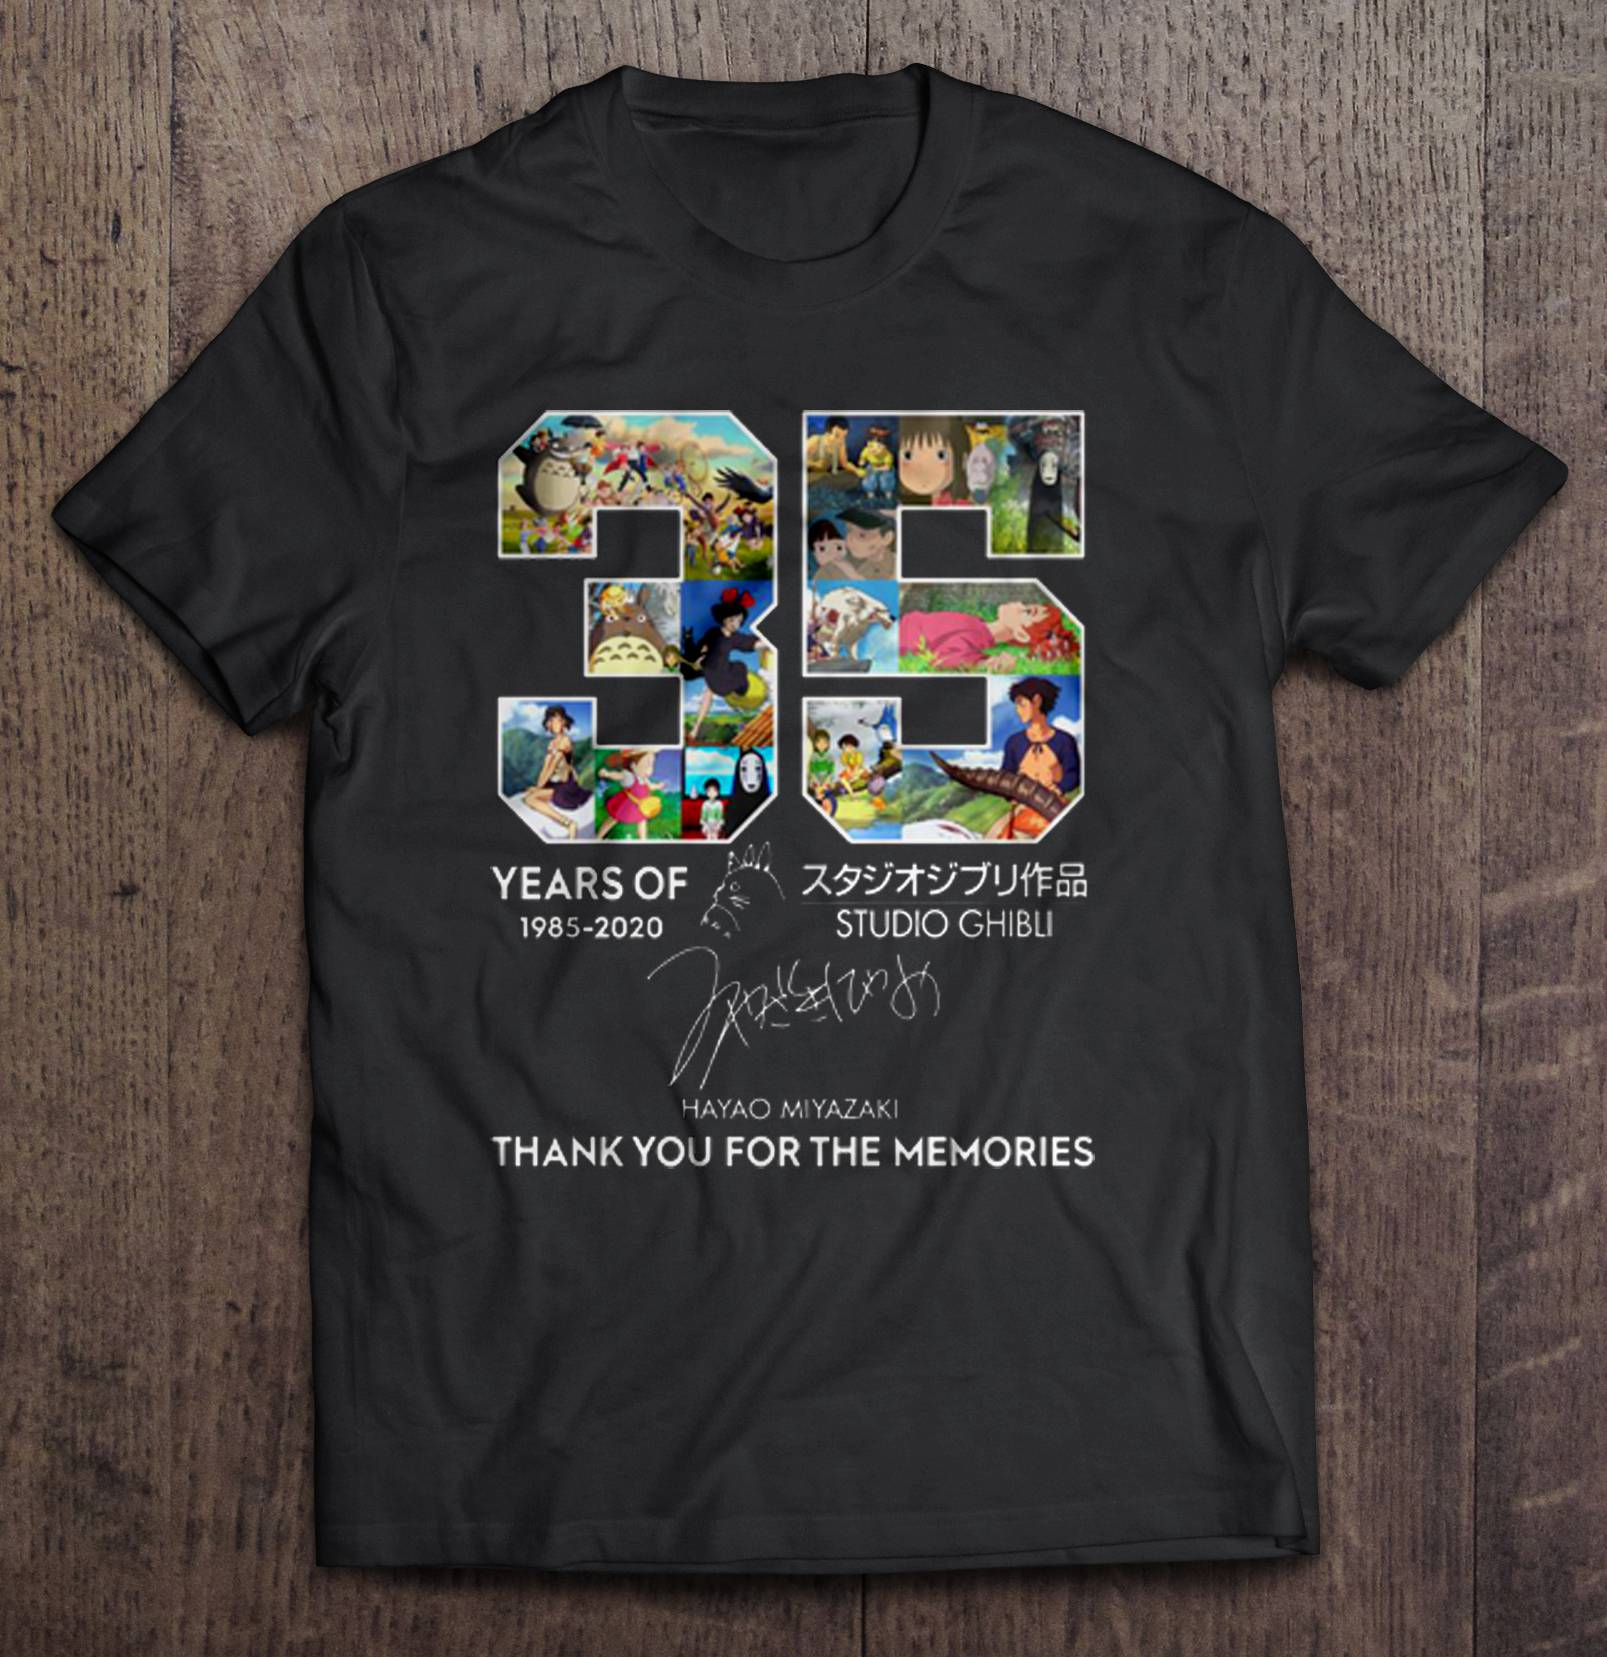 35 Years Of Studio Ghibli t shirt